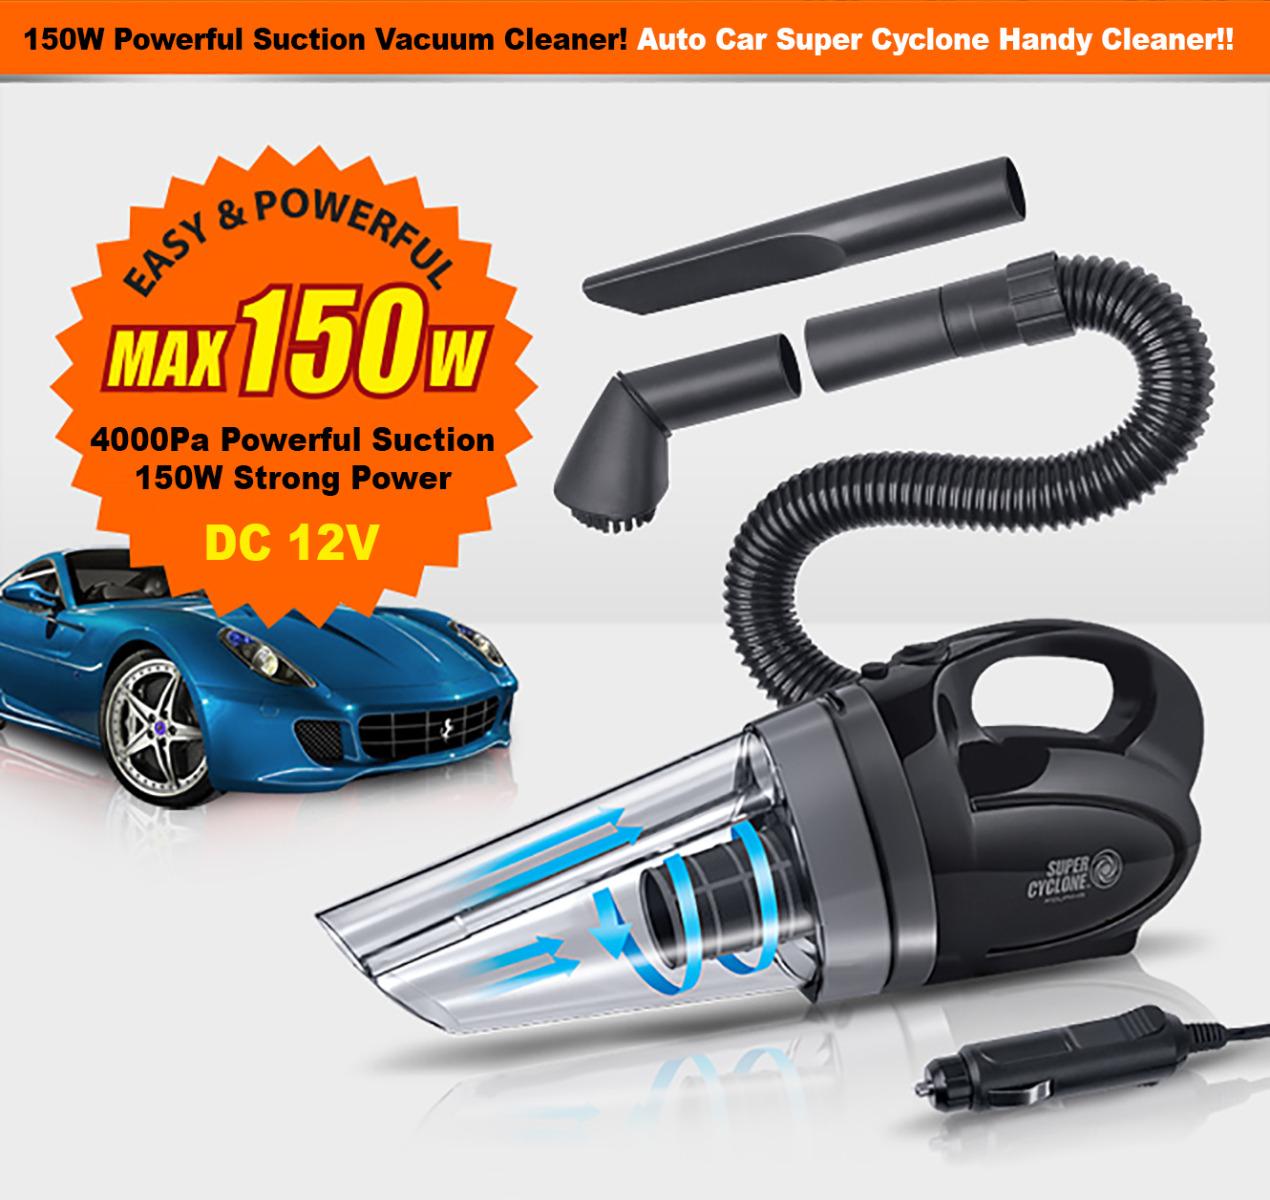 Convenient Portable Vacuum For Quick Clean Ups Around The Car